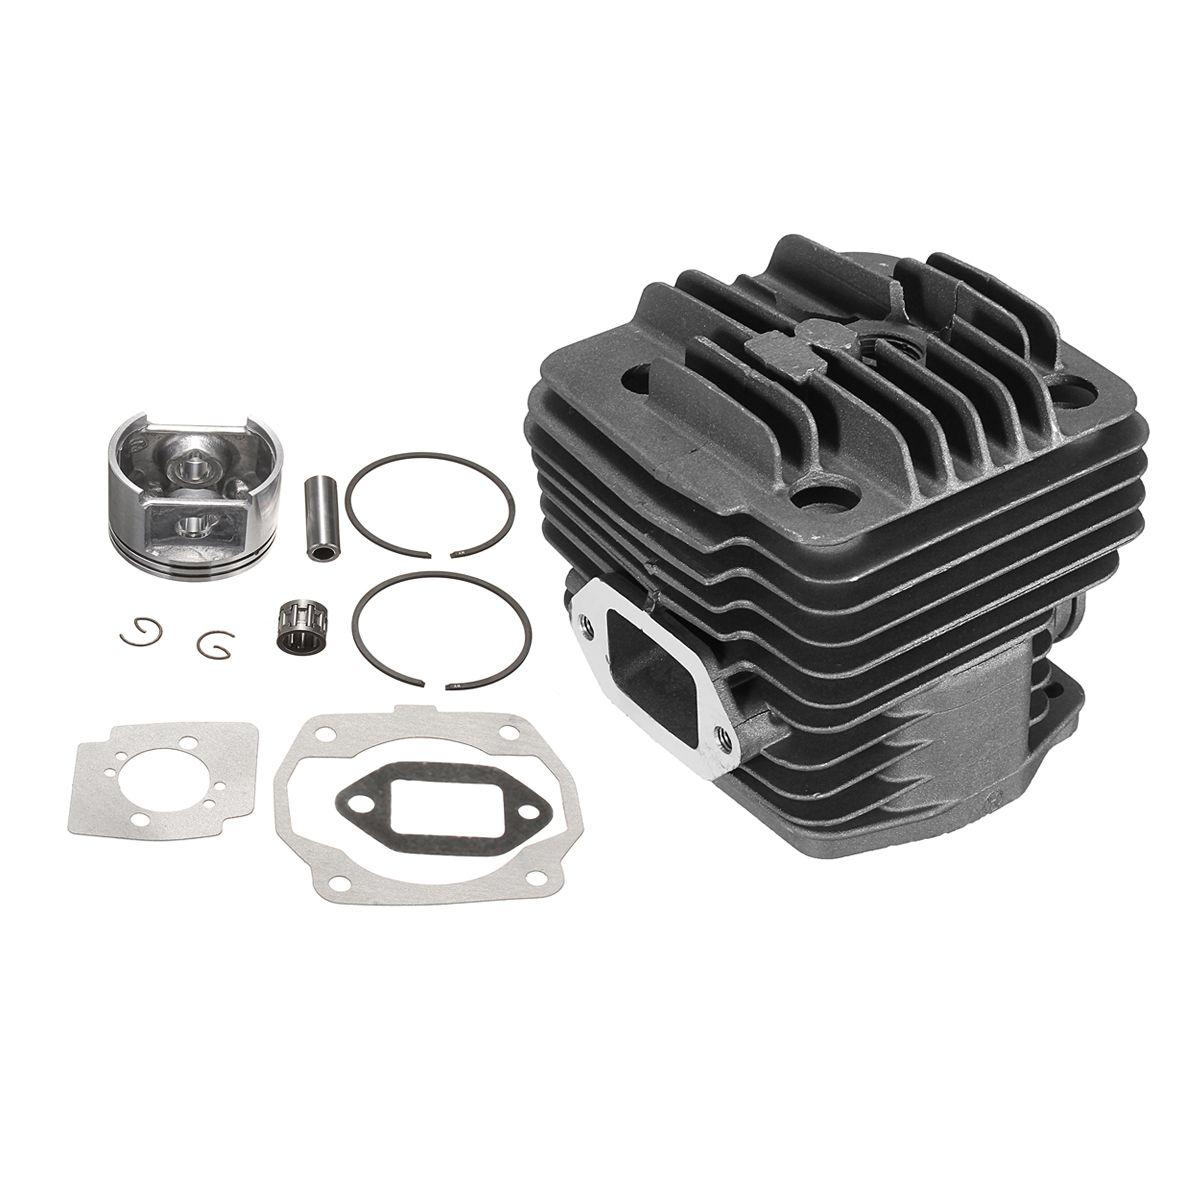 Metal Cylinder Piston Gasket Bearings Top End Rebuild Kit For STIHL TS400 #4223 0201200